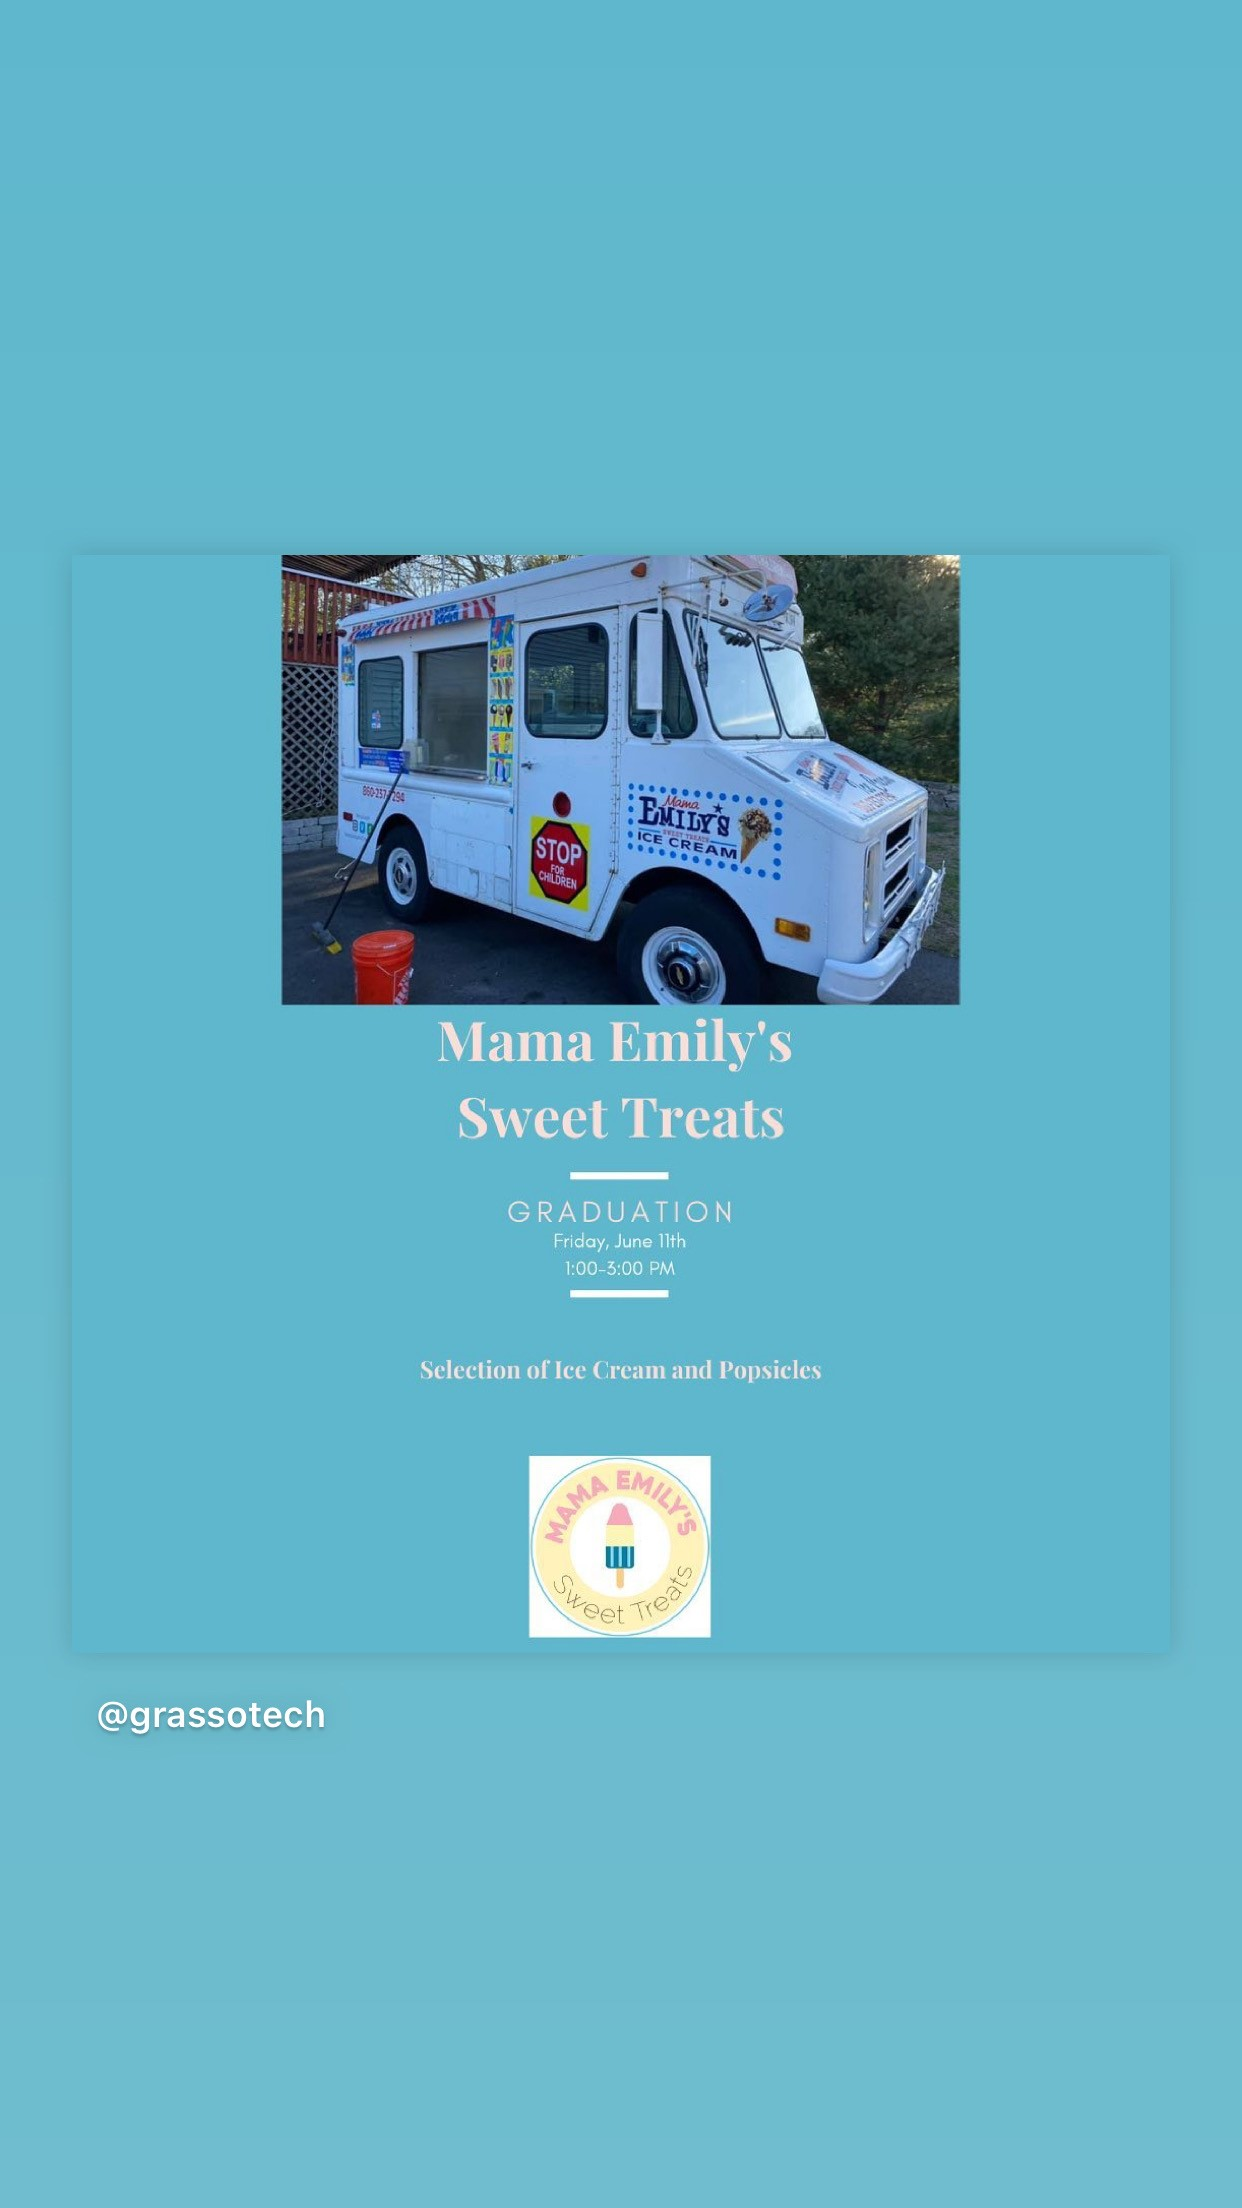 Sweet Treat Truck